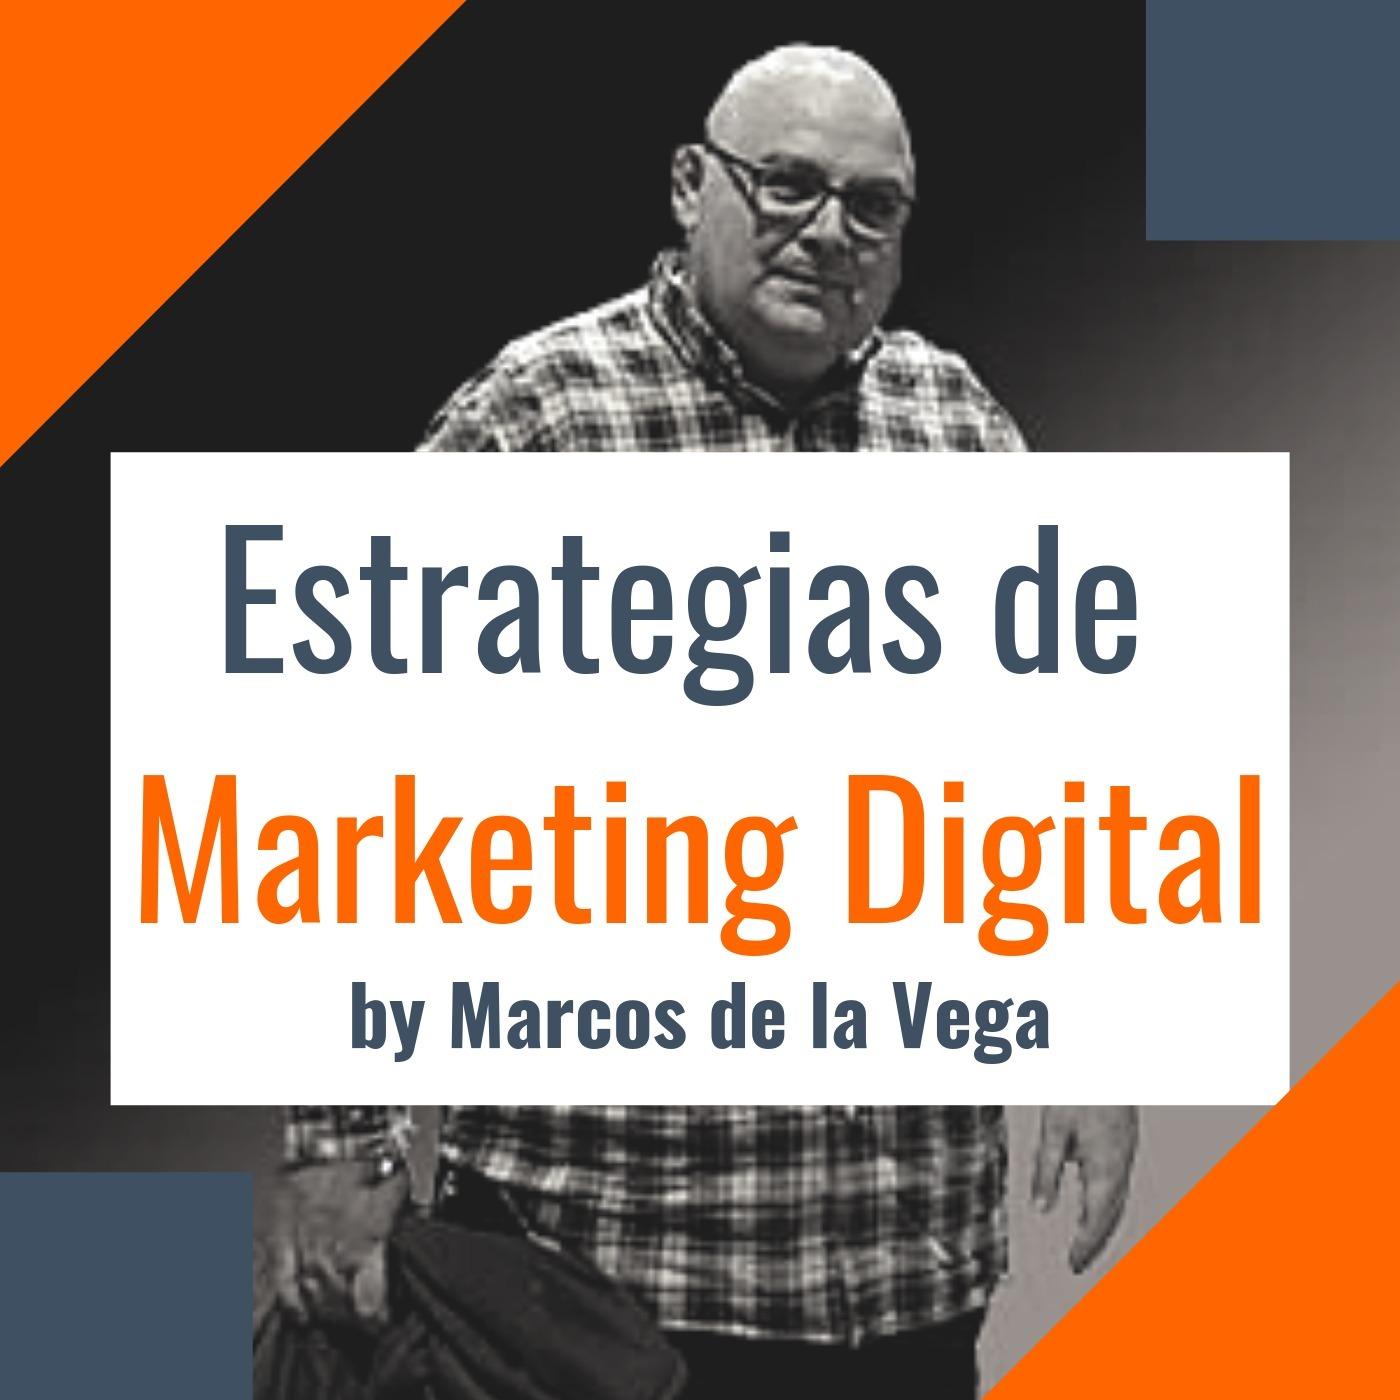 Estrategias de Marketing Digital by Marcos de la Vega